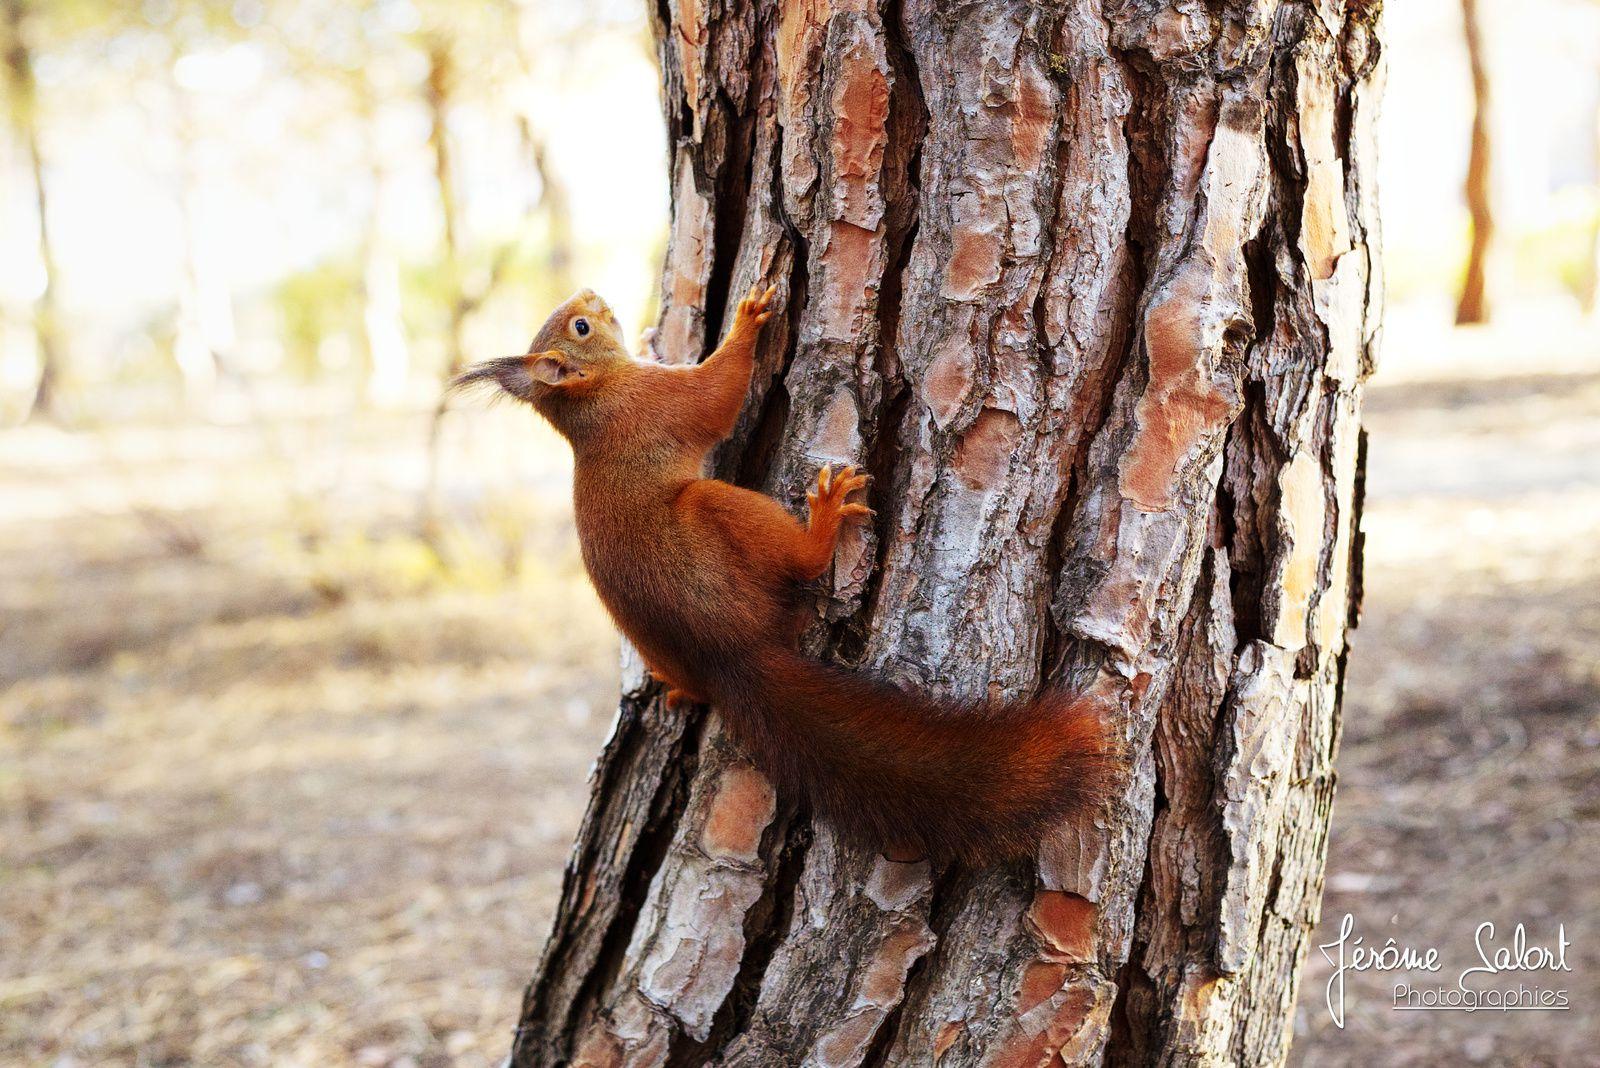 Les écureuils du Lydia Jérôme Salort ©